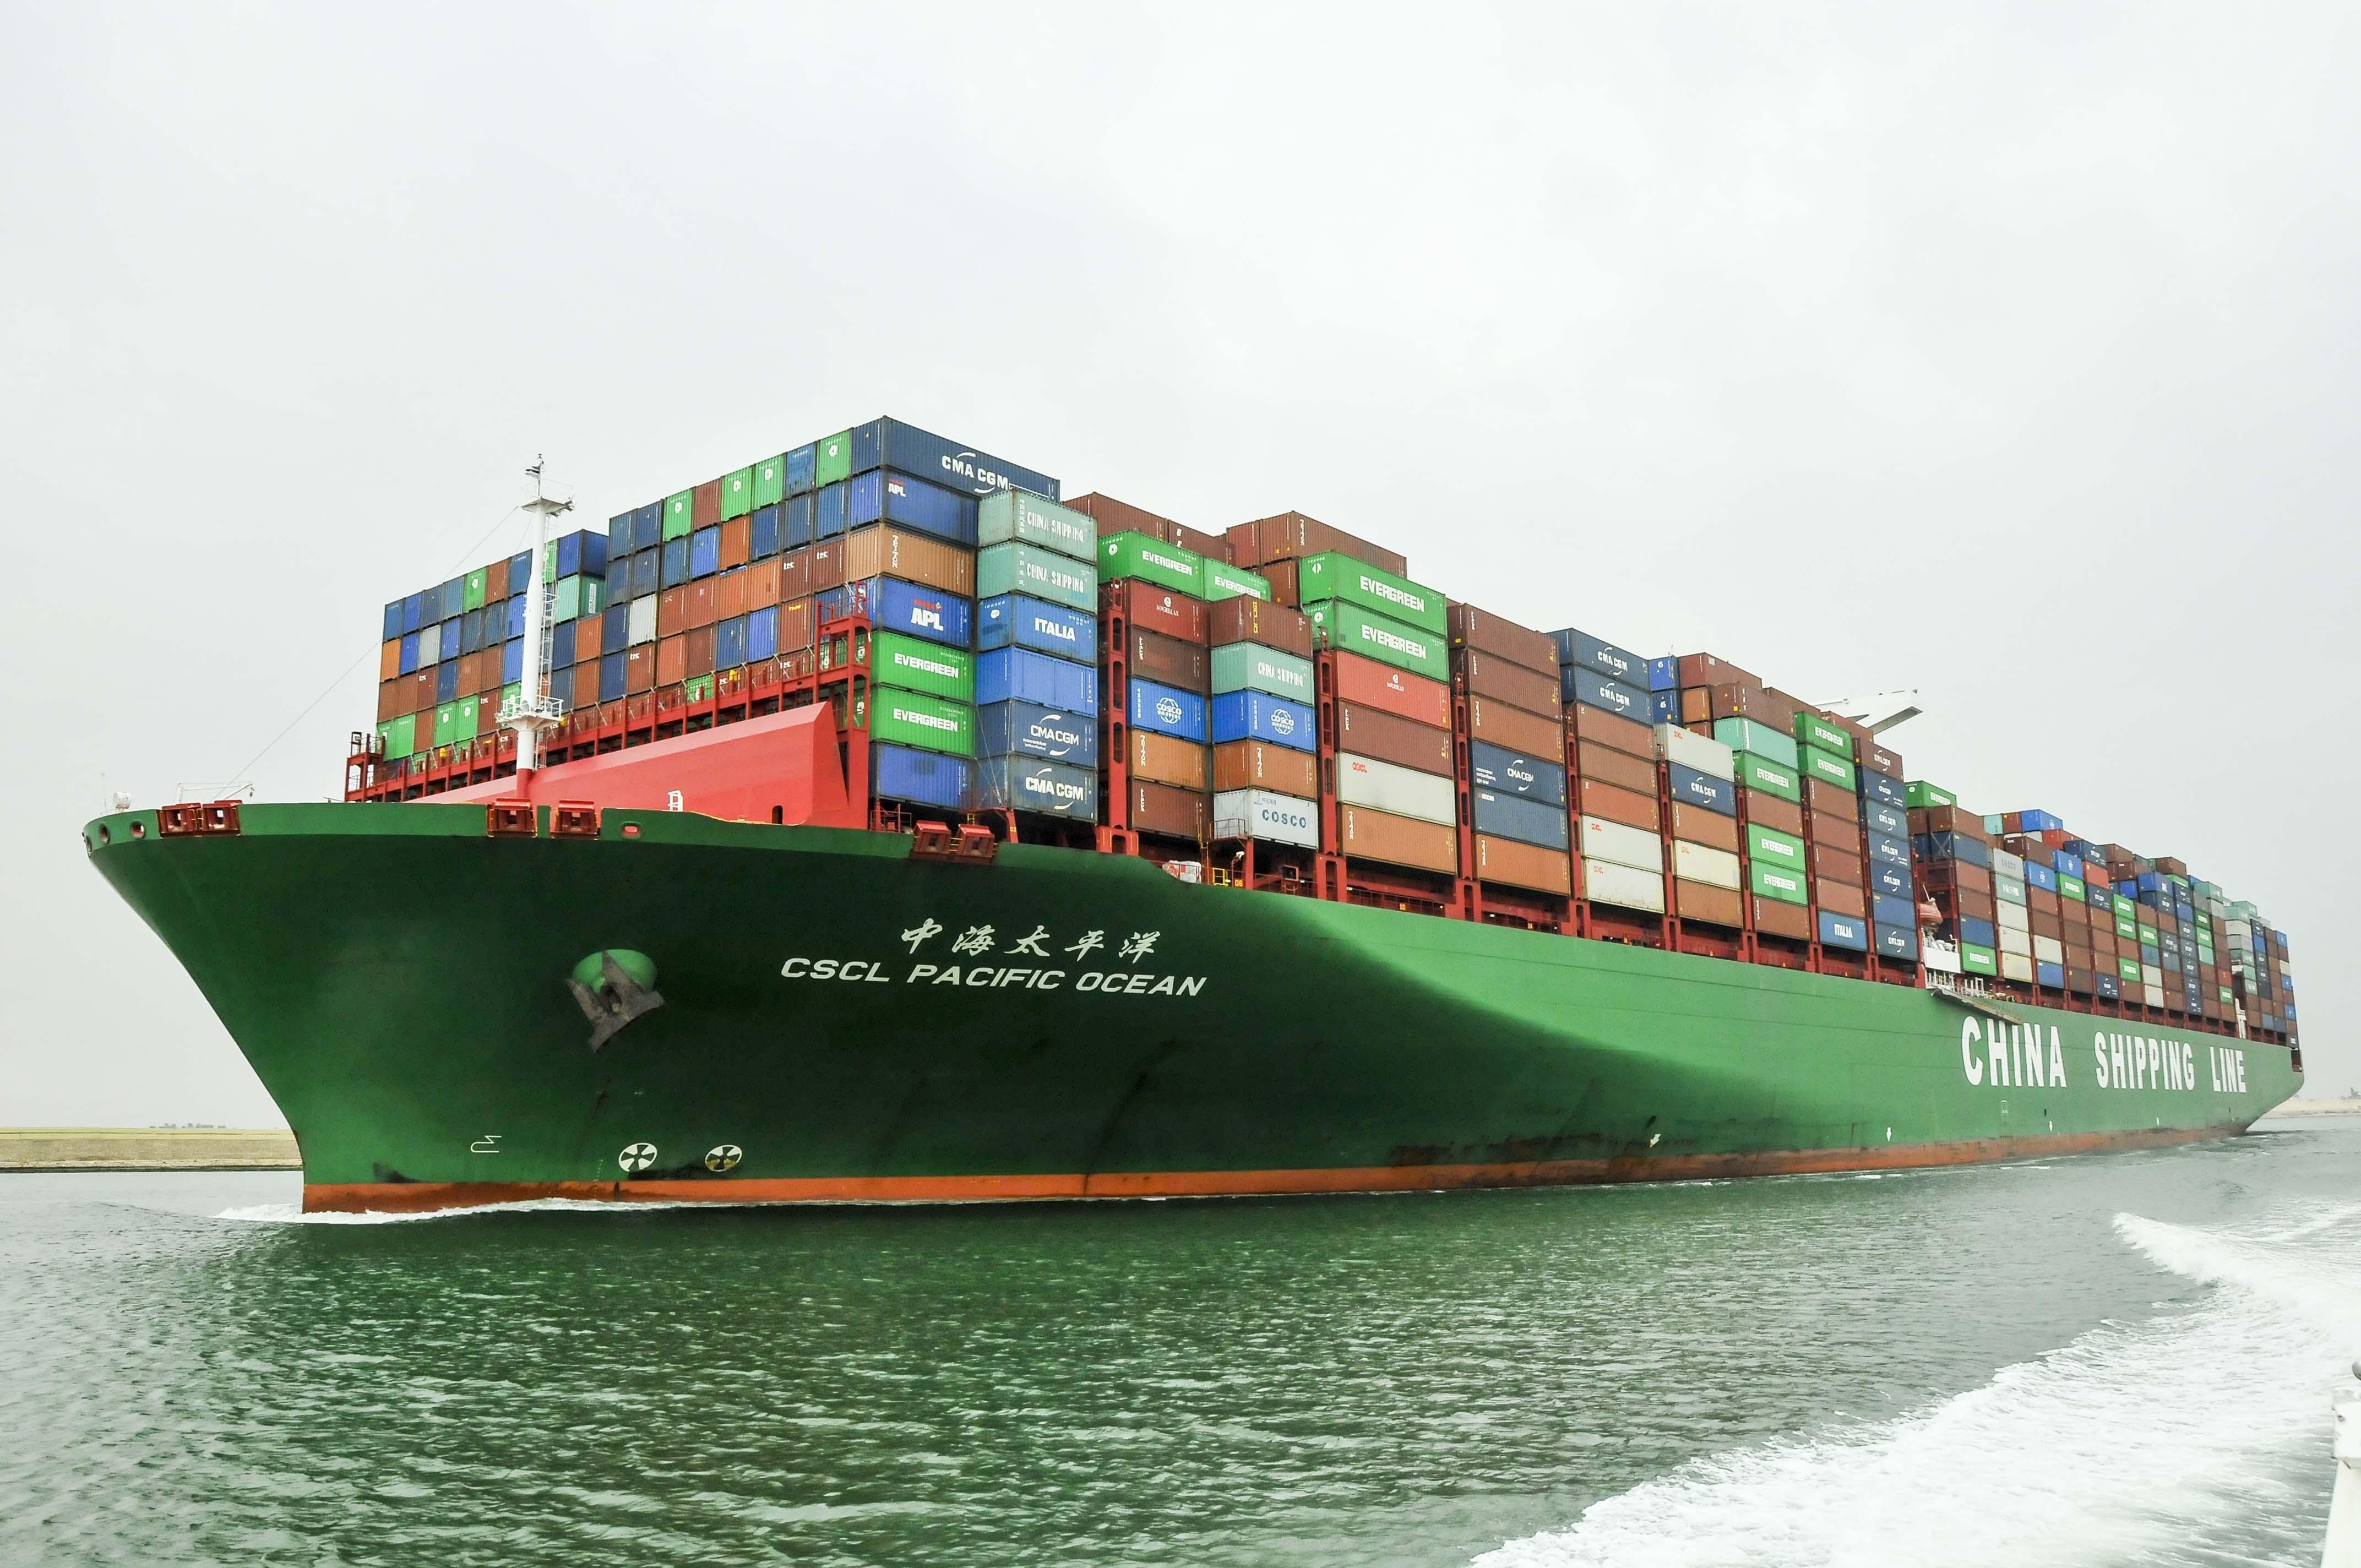 سفينة الحاويات العملاقة CSCL PACIFIC OCEAN تعبر القناة على رأس قافلة الشمال